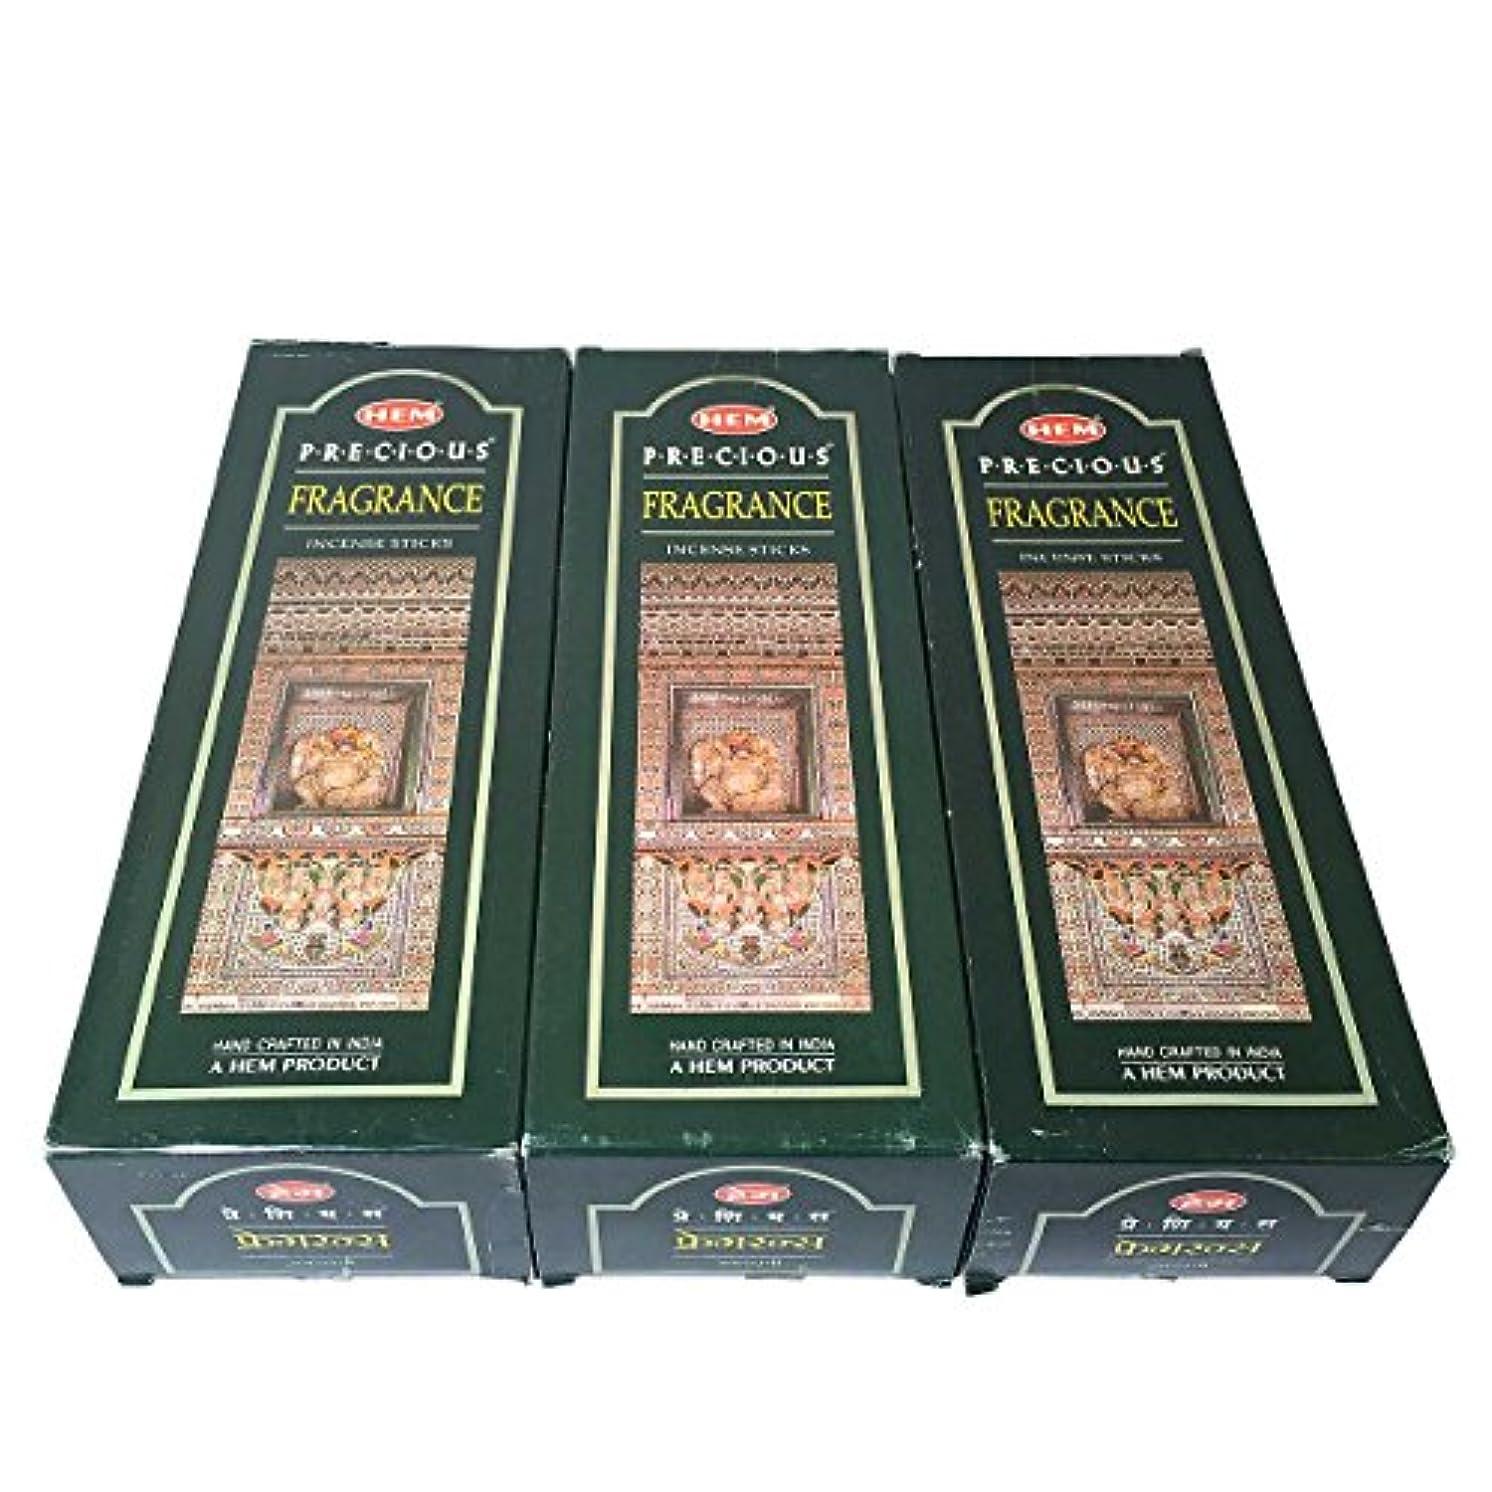 プレシャスフレグランス香スティック 3BOX(18箱) /HEM FRAGRANCE/インセンス/インド香 お香 [並行輸入品]